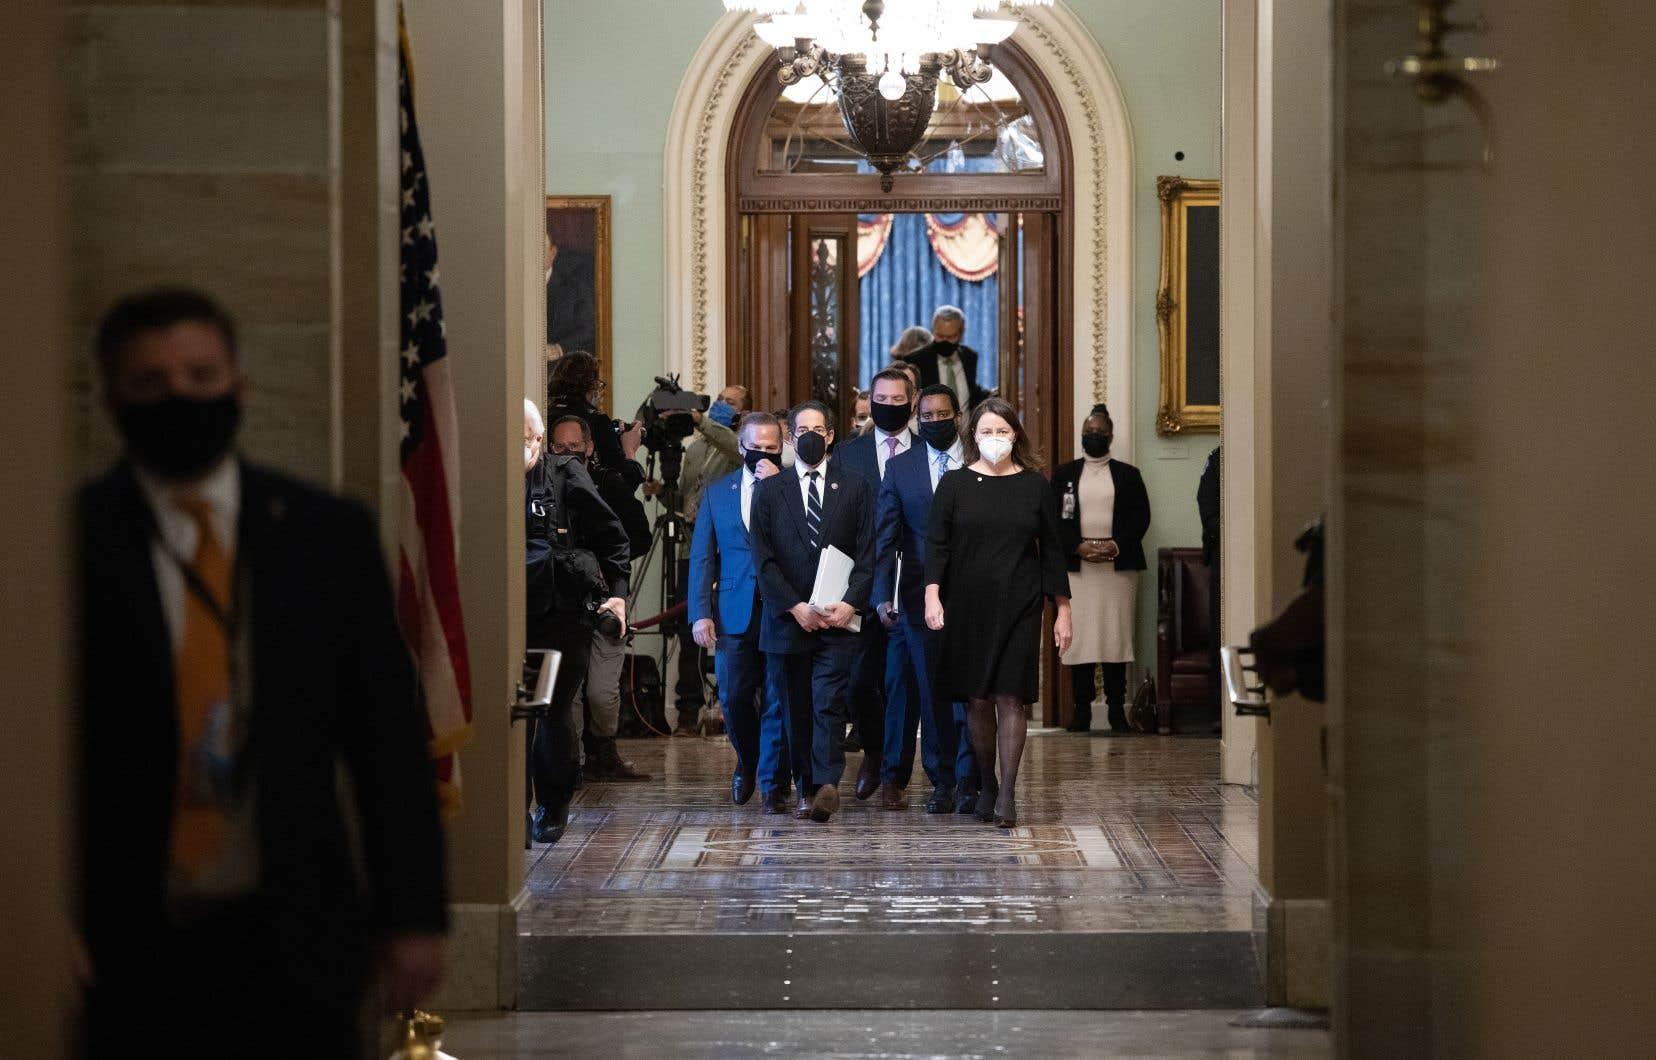 Sept sénateurs républicains ont rompu les rangs et voté avec leurs 50 collègues démocrates et indépendants, mais cela n'a pas suffi pour atteindre les deux tiers nécessaires à la condamnation.